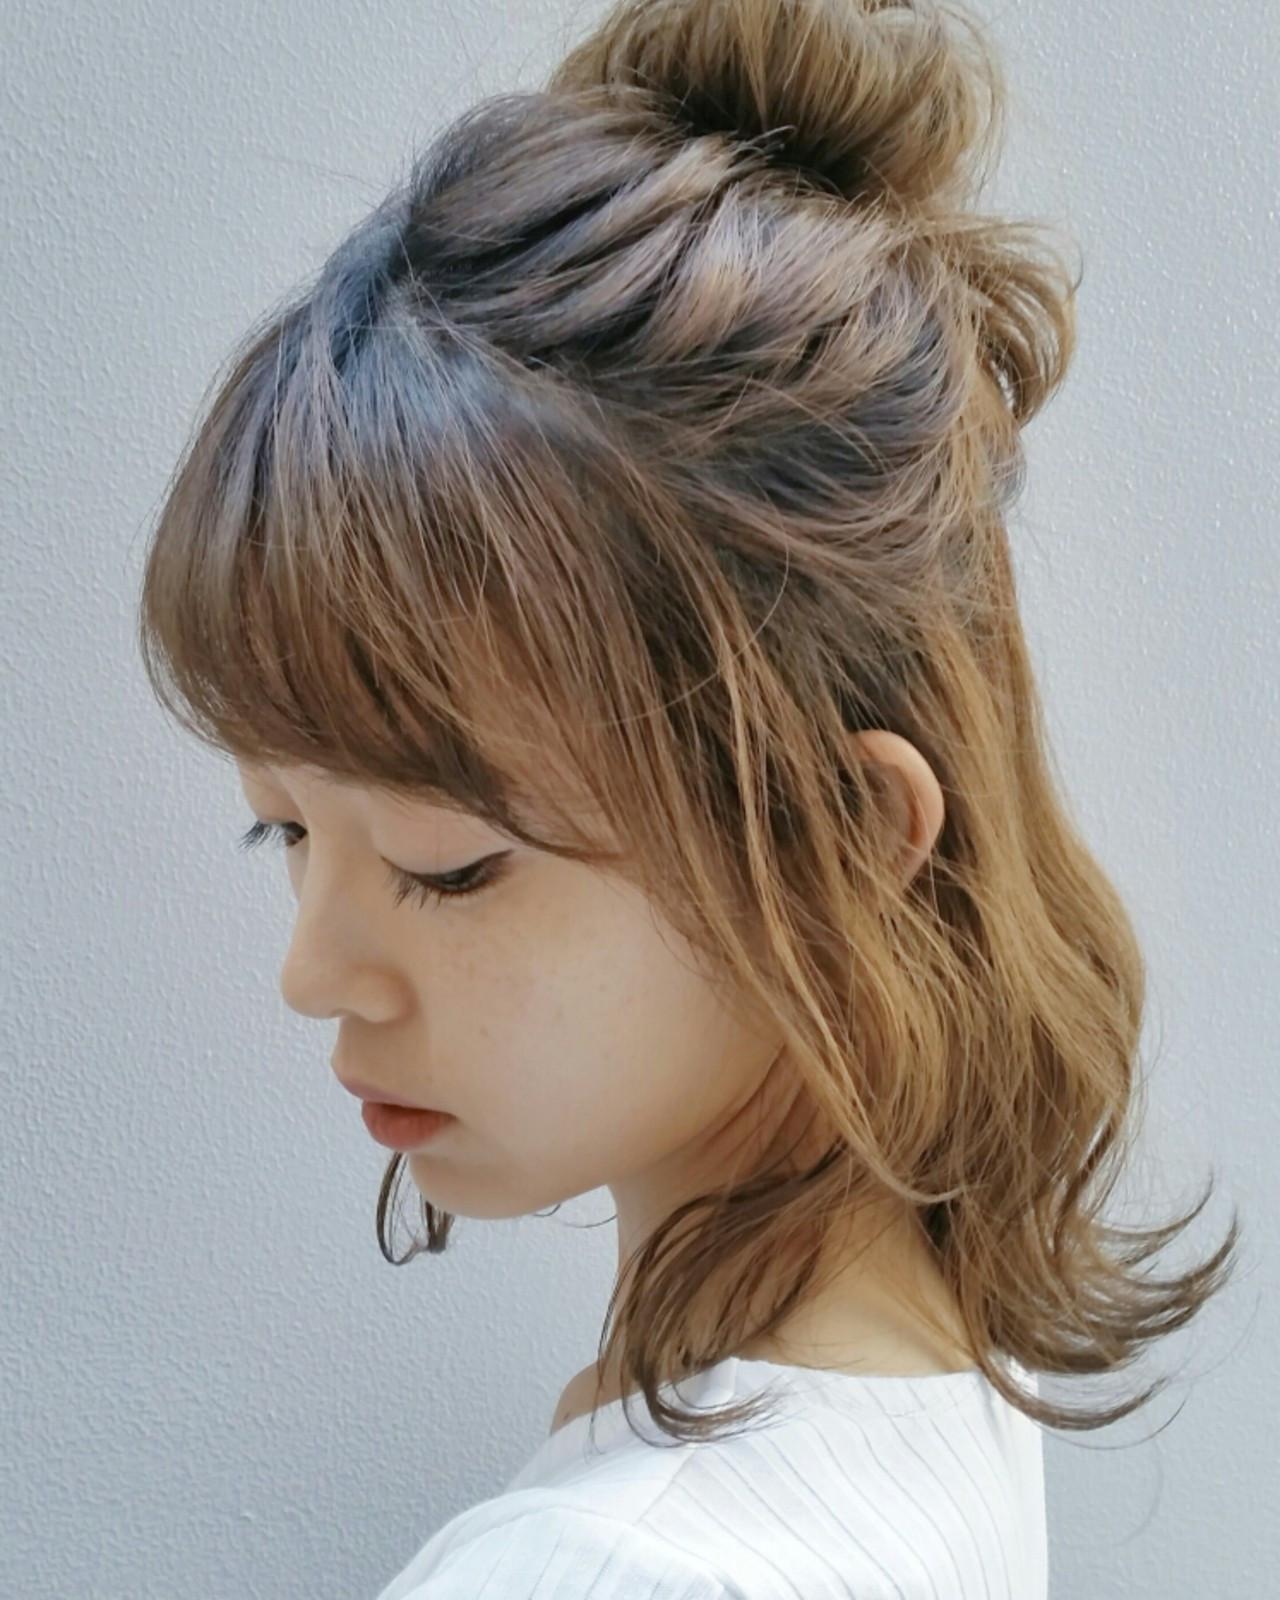 サイドの髪を残したハーフアップ hosoi